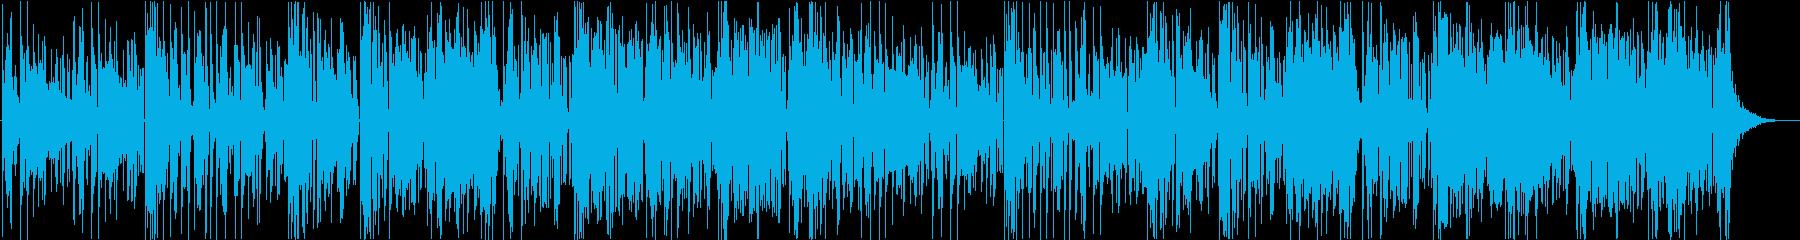 妖しいムードのジャンプアップの再生済みの波形